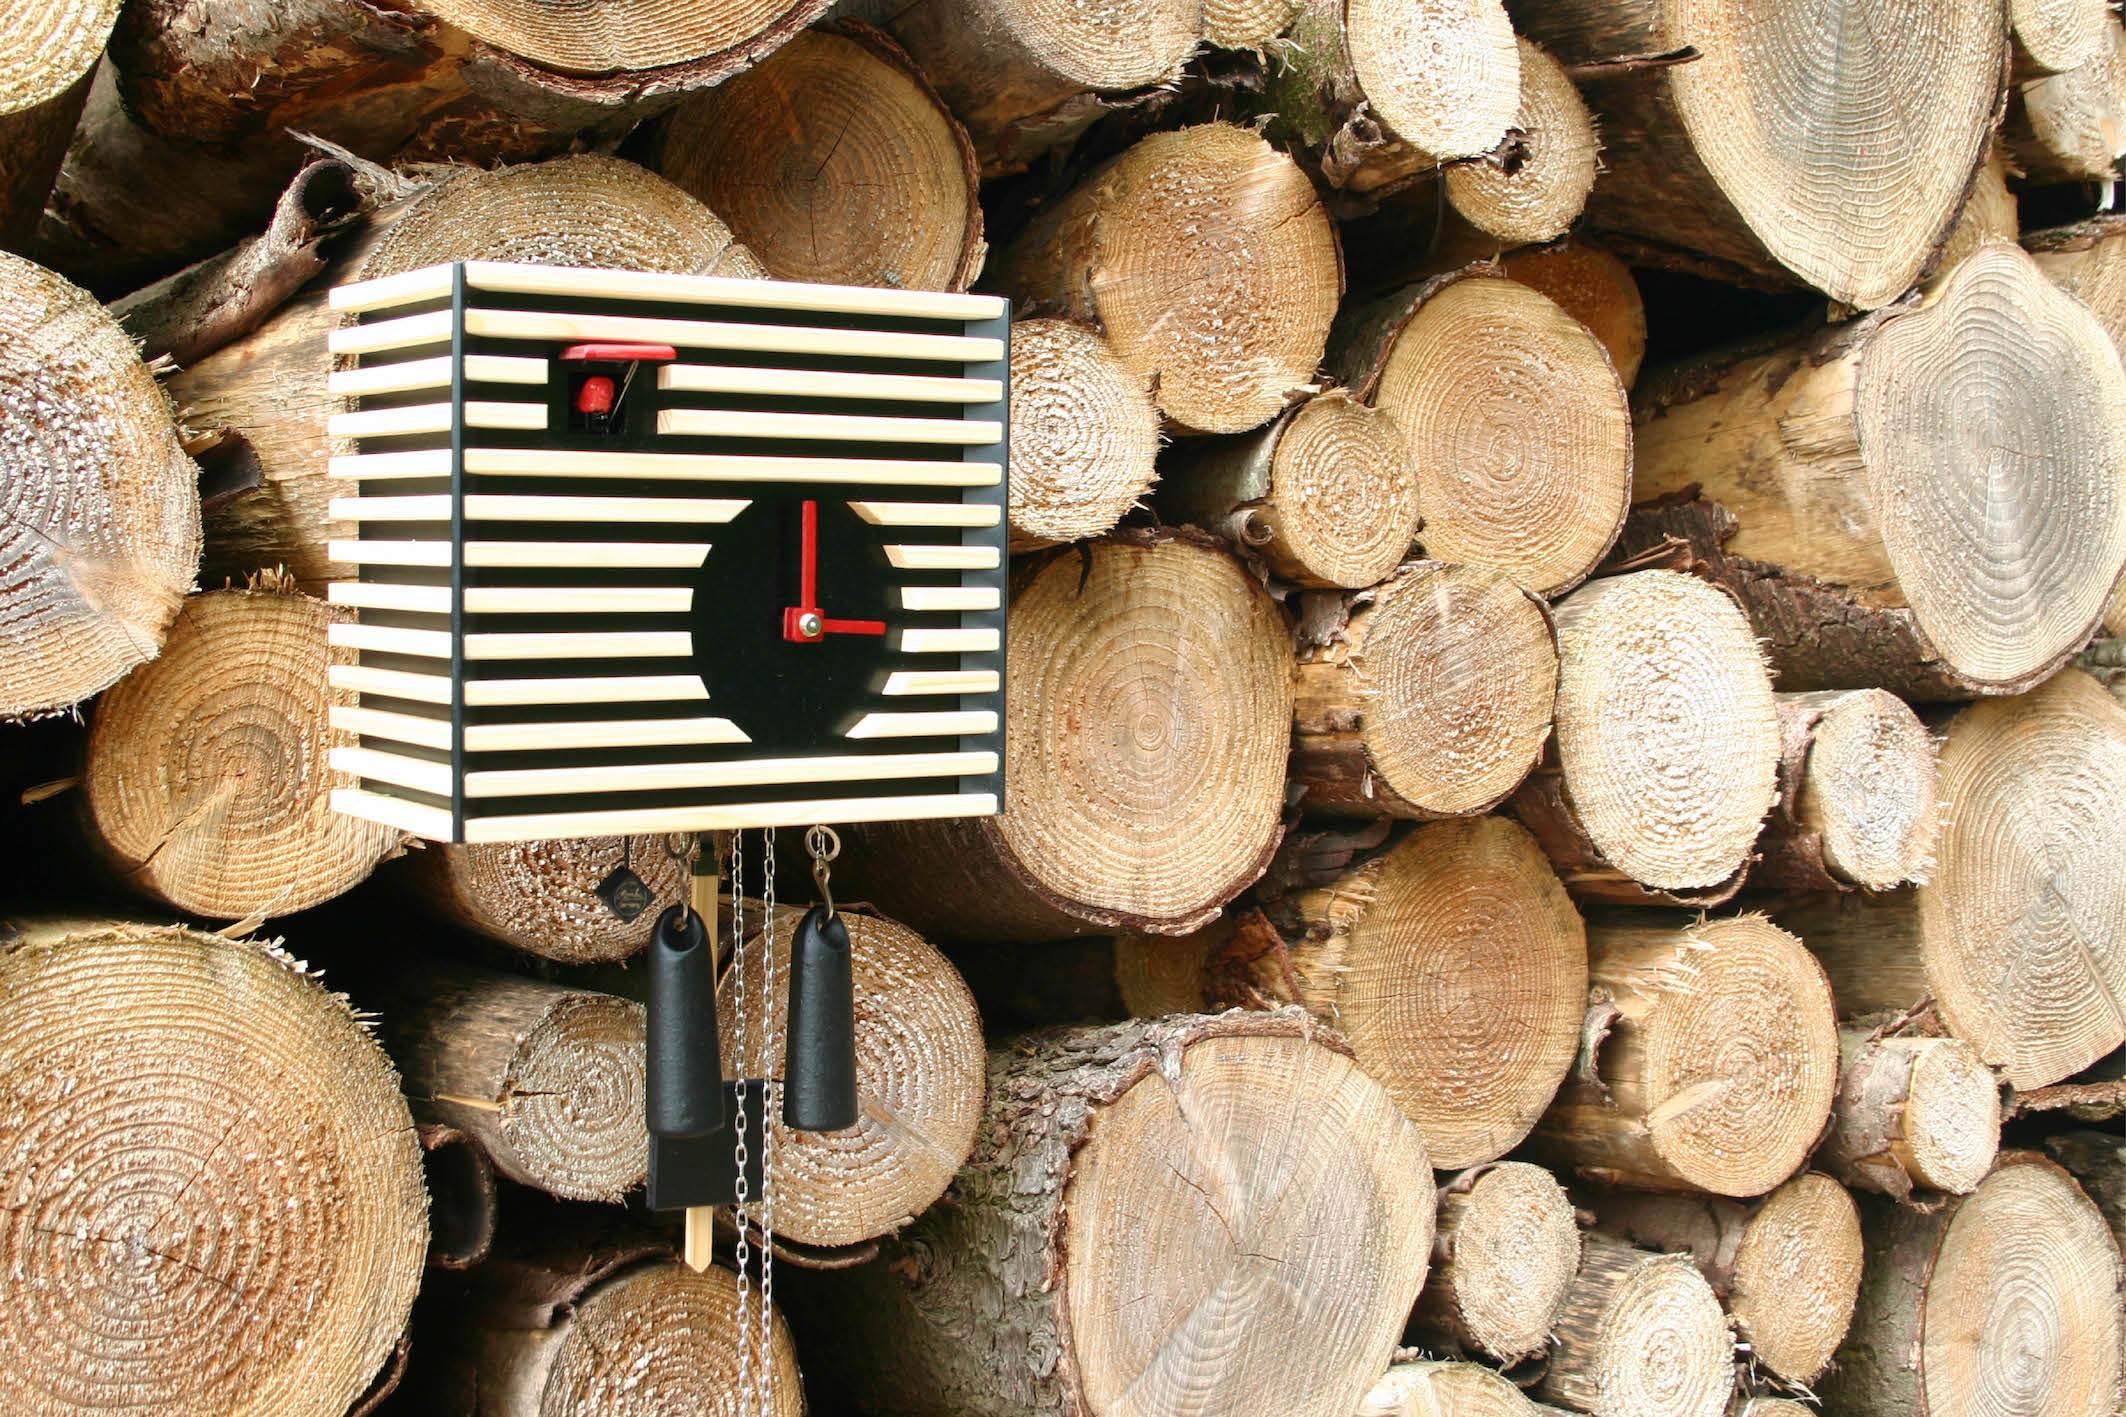 Kuckucksuhr an Holzbeige